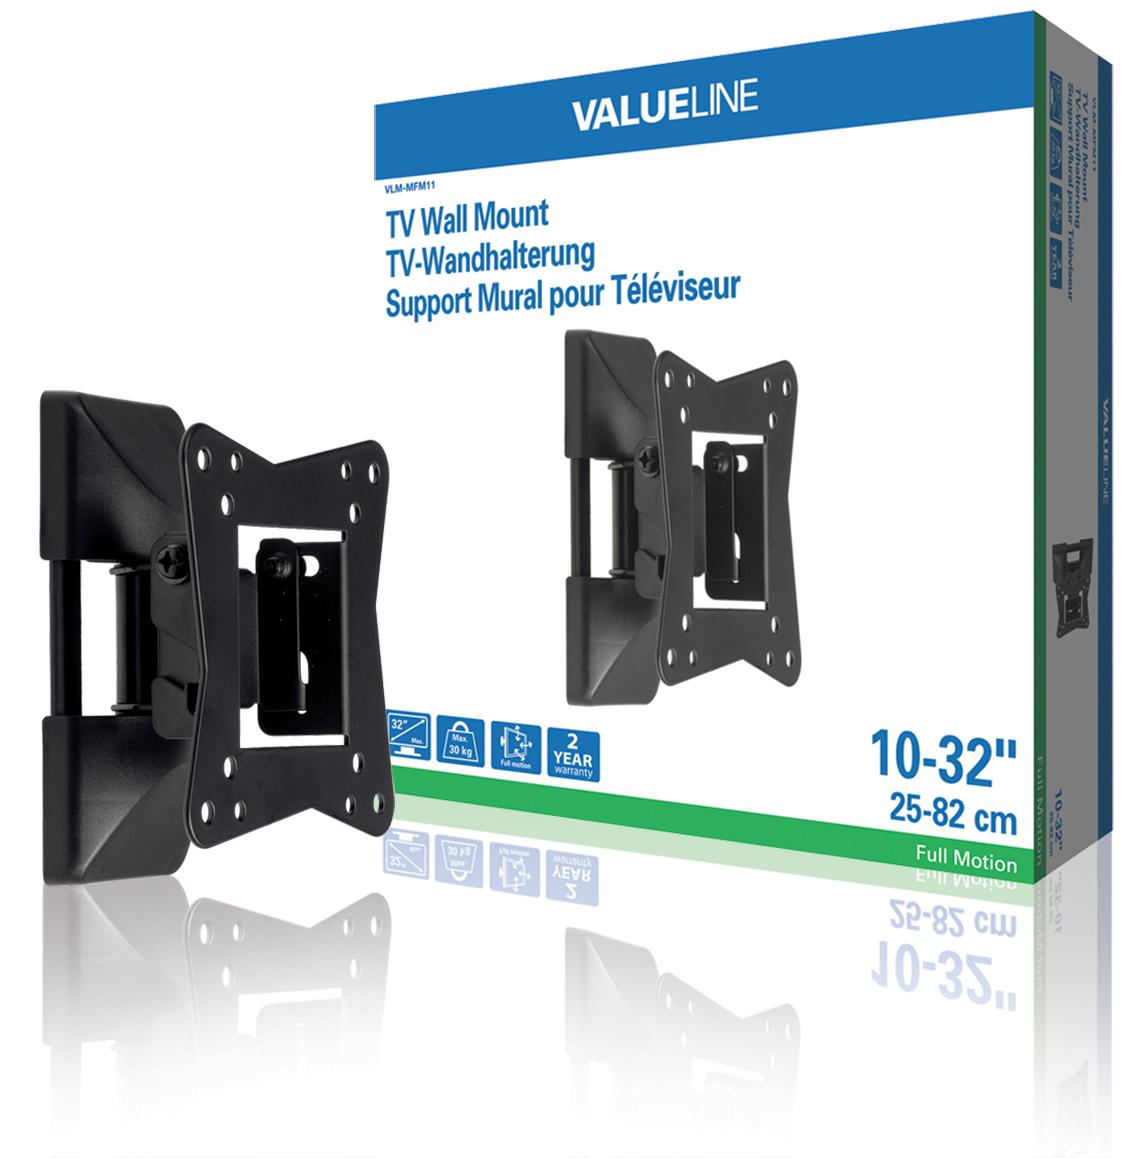 Valueline Nástěnný držák televizoru, full motion, 10 až 32'' / 25 až 82 cm, 30 k